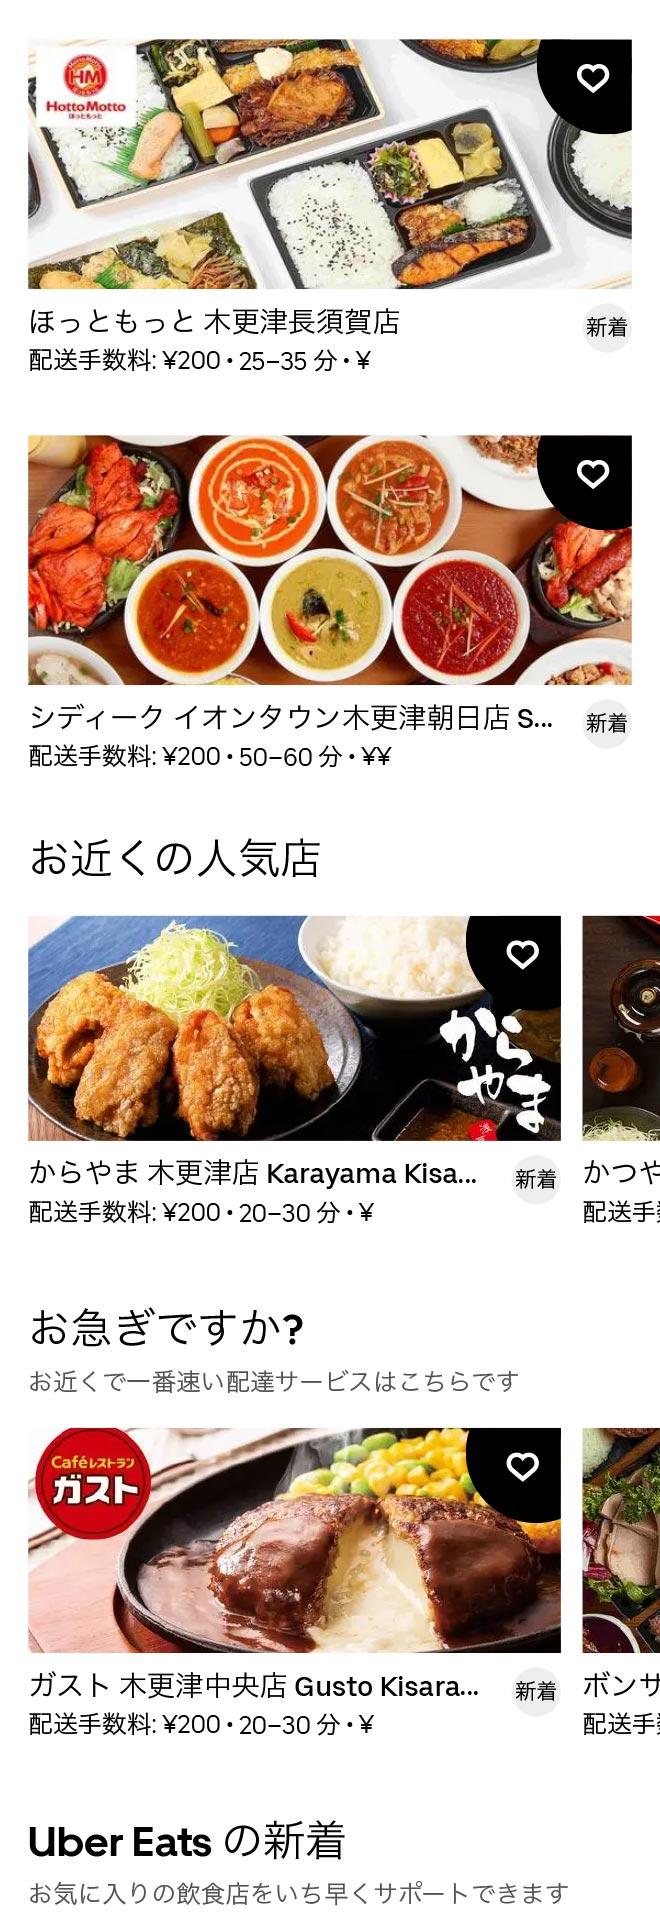 Kisarazu menu 2011 1